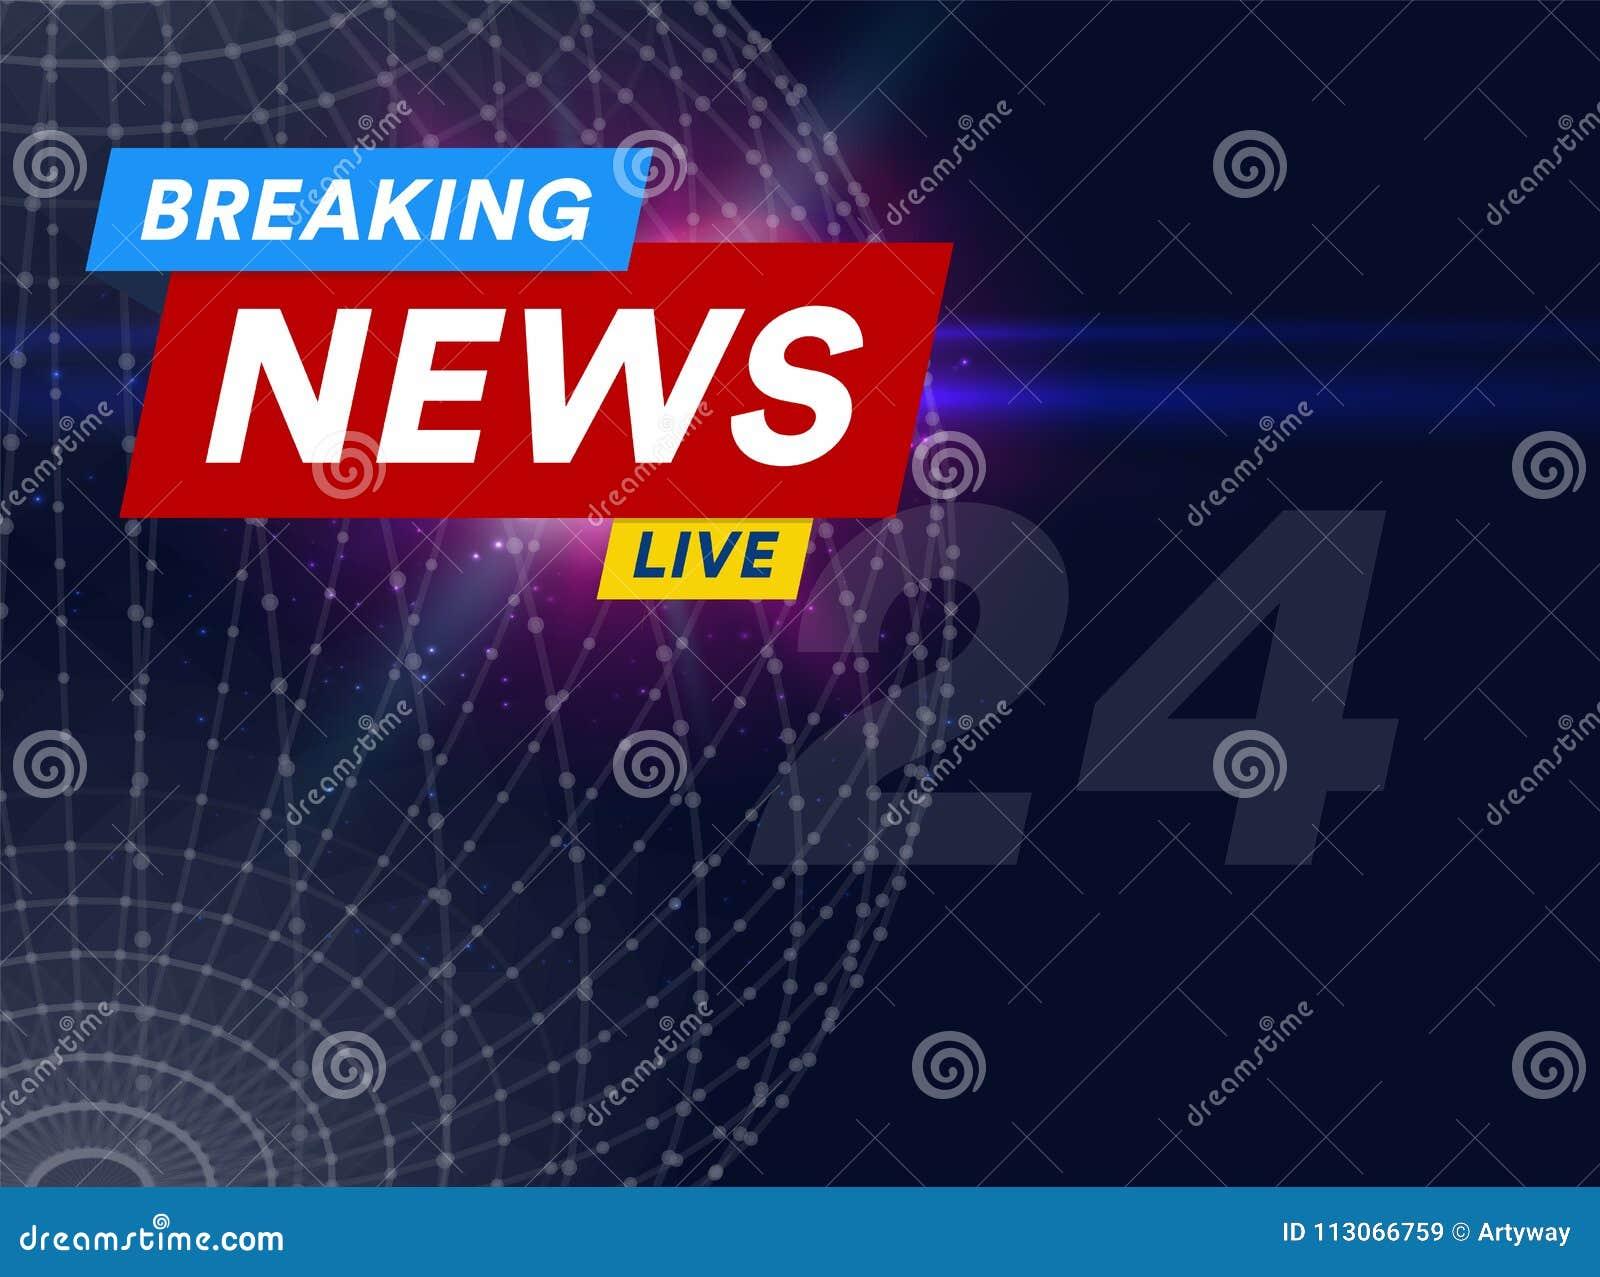 Zawiadomienie, wiadomości linia z wiadomością, światowa opóźniona wiadomość na powietrzu na futurystycznym zmroku - błękitny tło